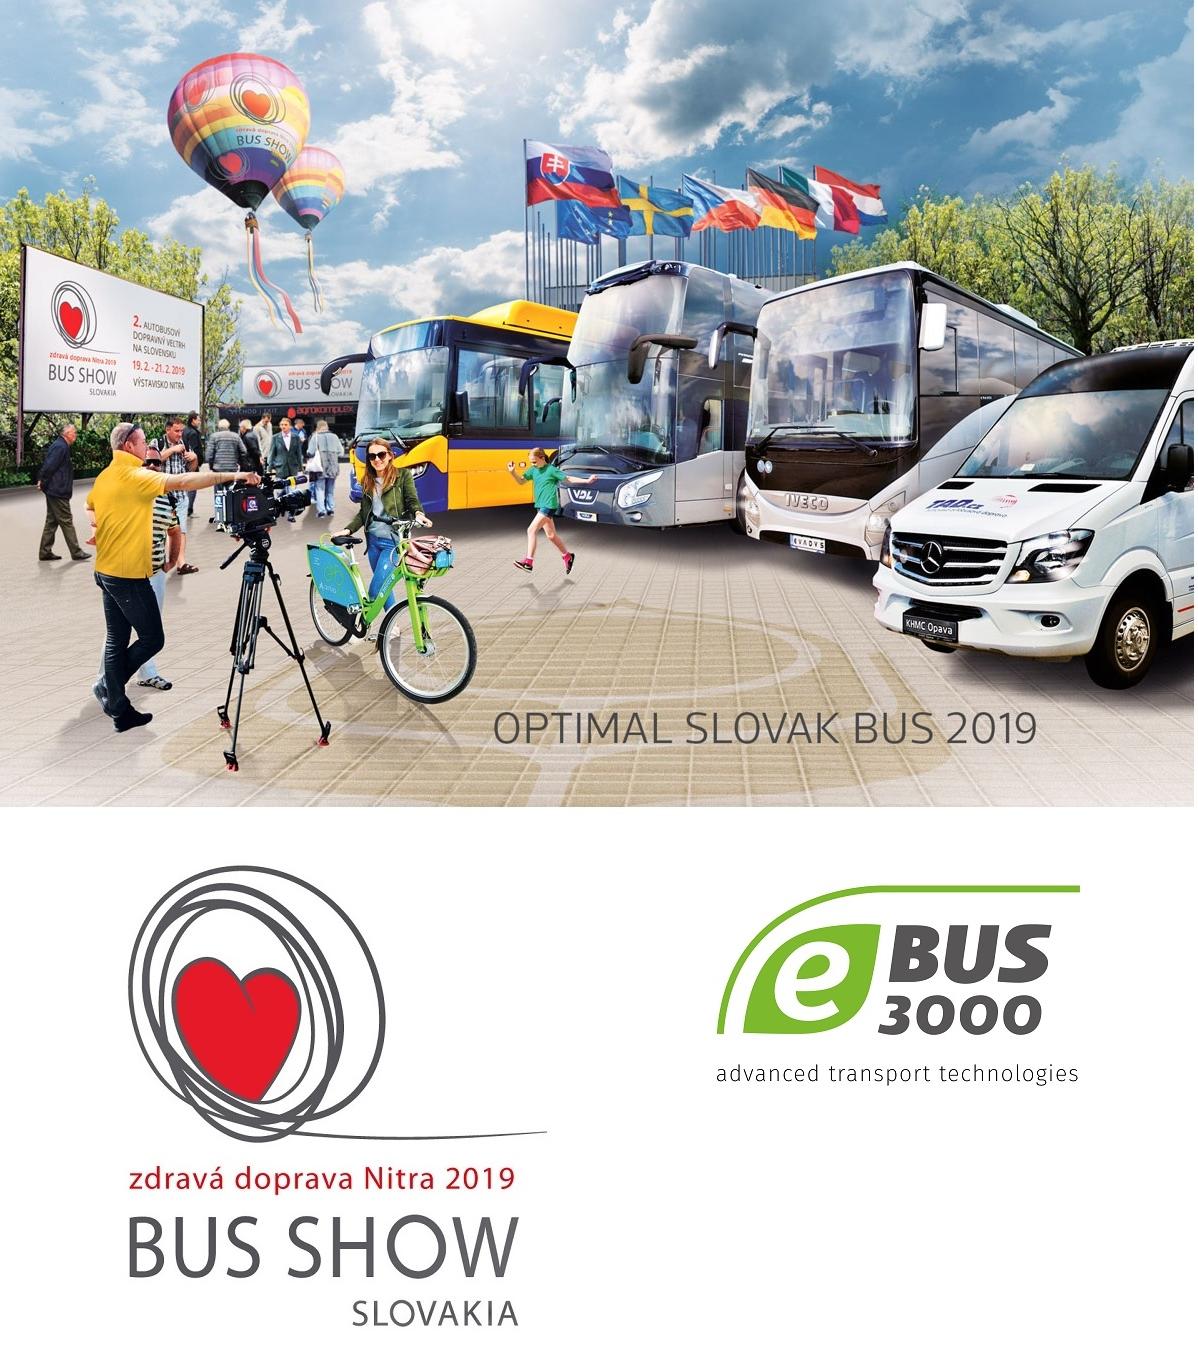 Inovativní československý dopravní veletrh BUS SHOW zdravá doprava Nitra 2019, určitě si nenechte ujít